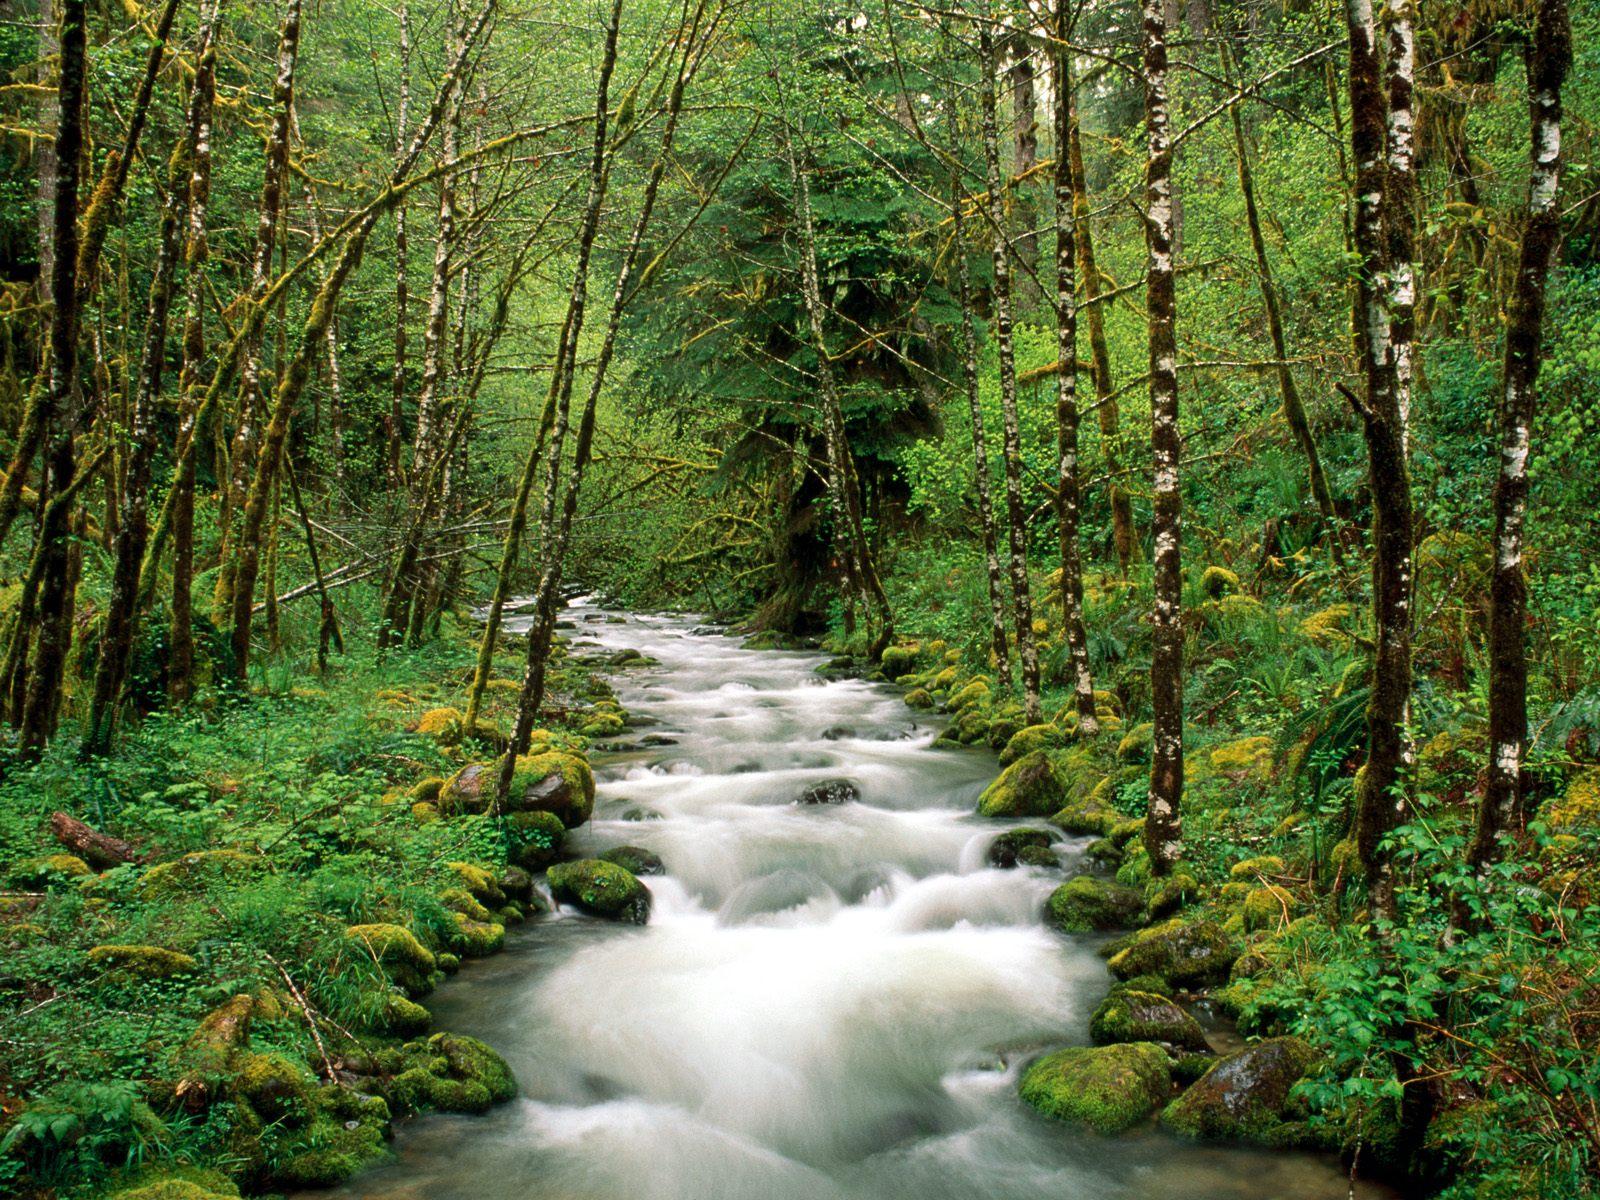 http://4.bp.blogspot.com/-Si3fY944oqE/UGUei5pUb-I/AAAAAAAAHdg/zEwQvMctFdA/s1600/Nature-wallpaper-82.jpg